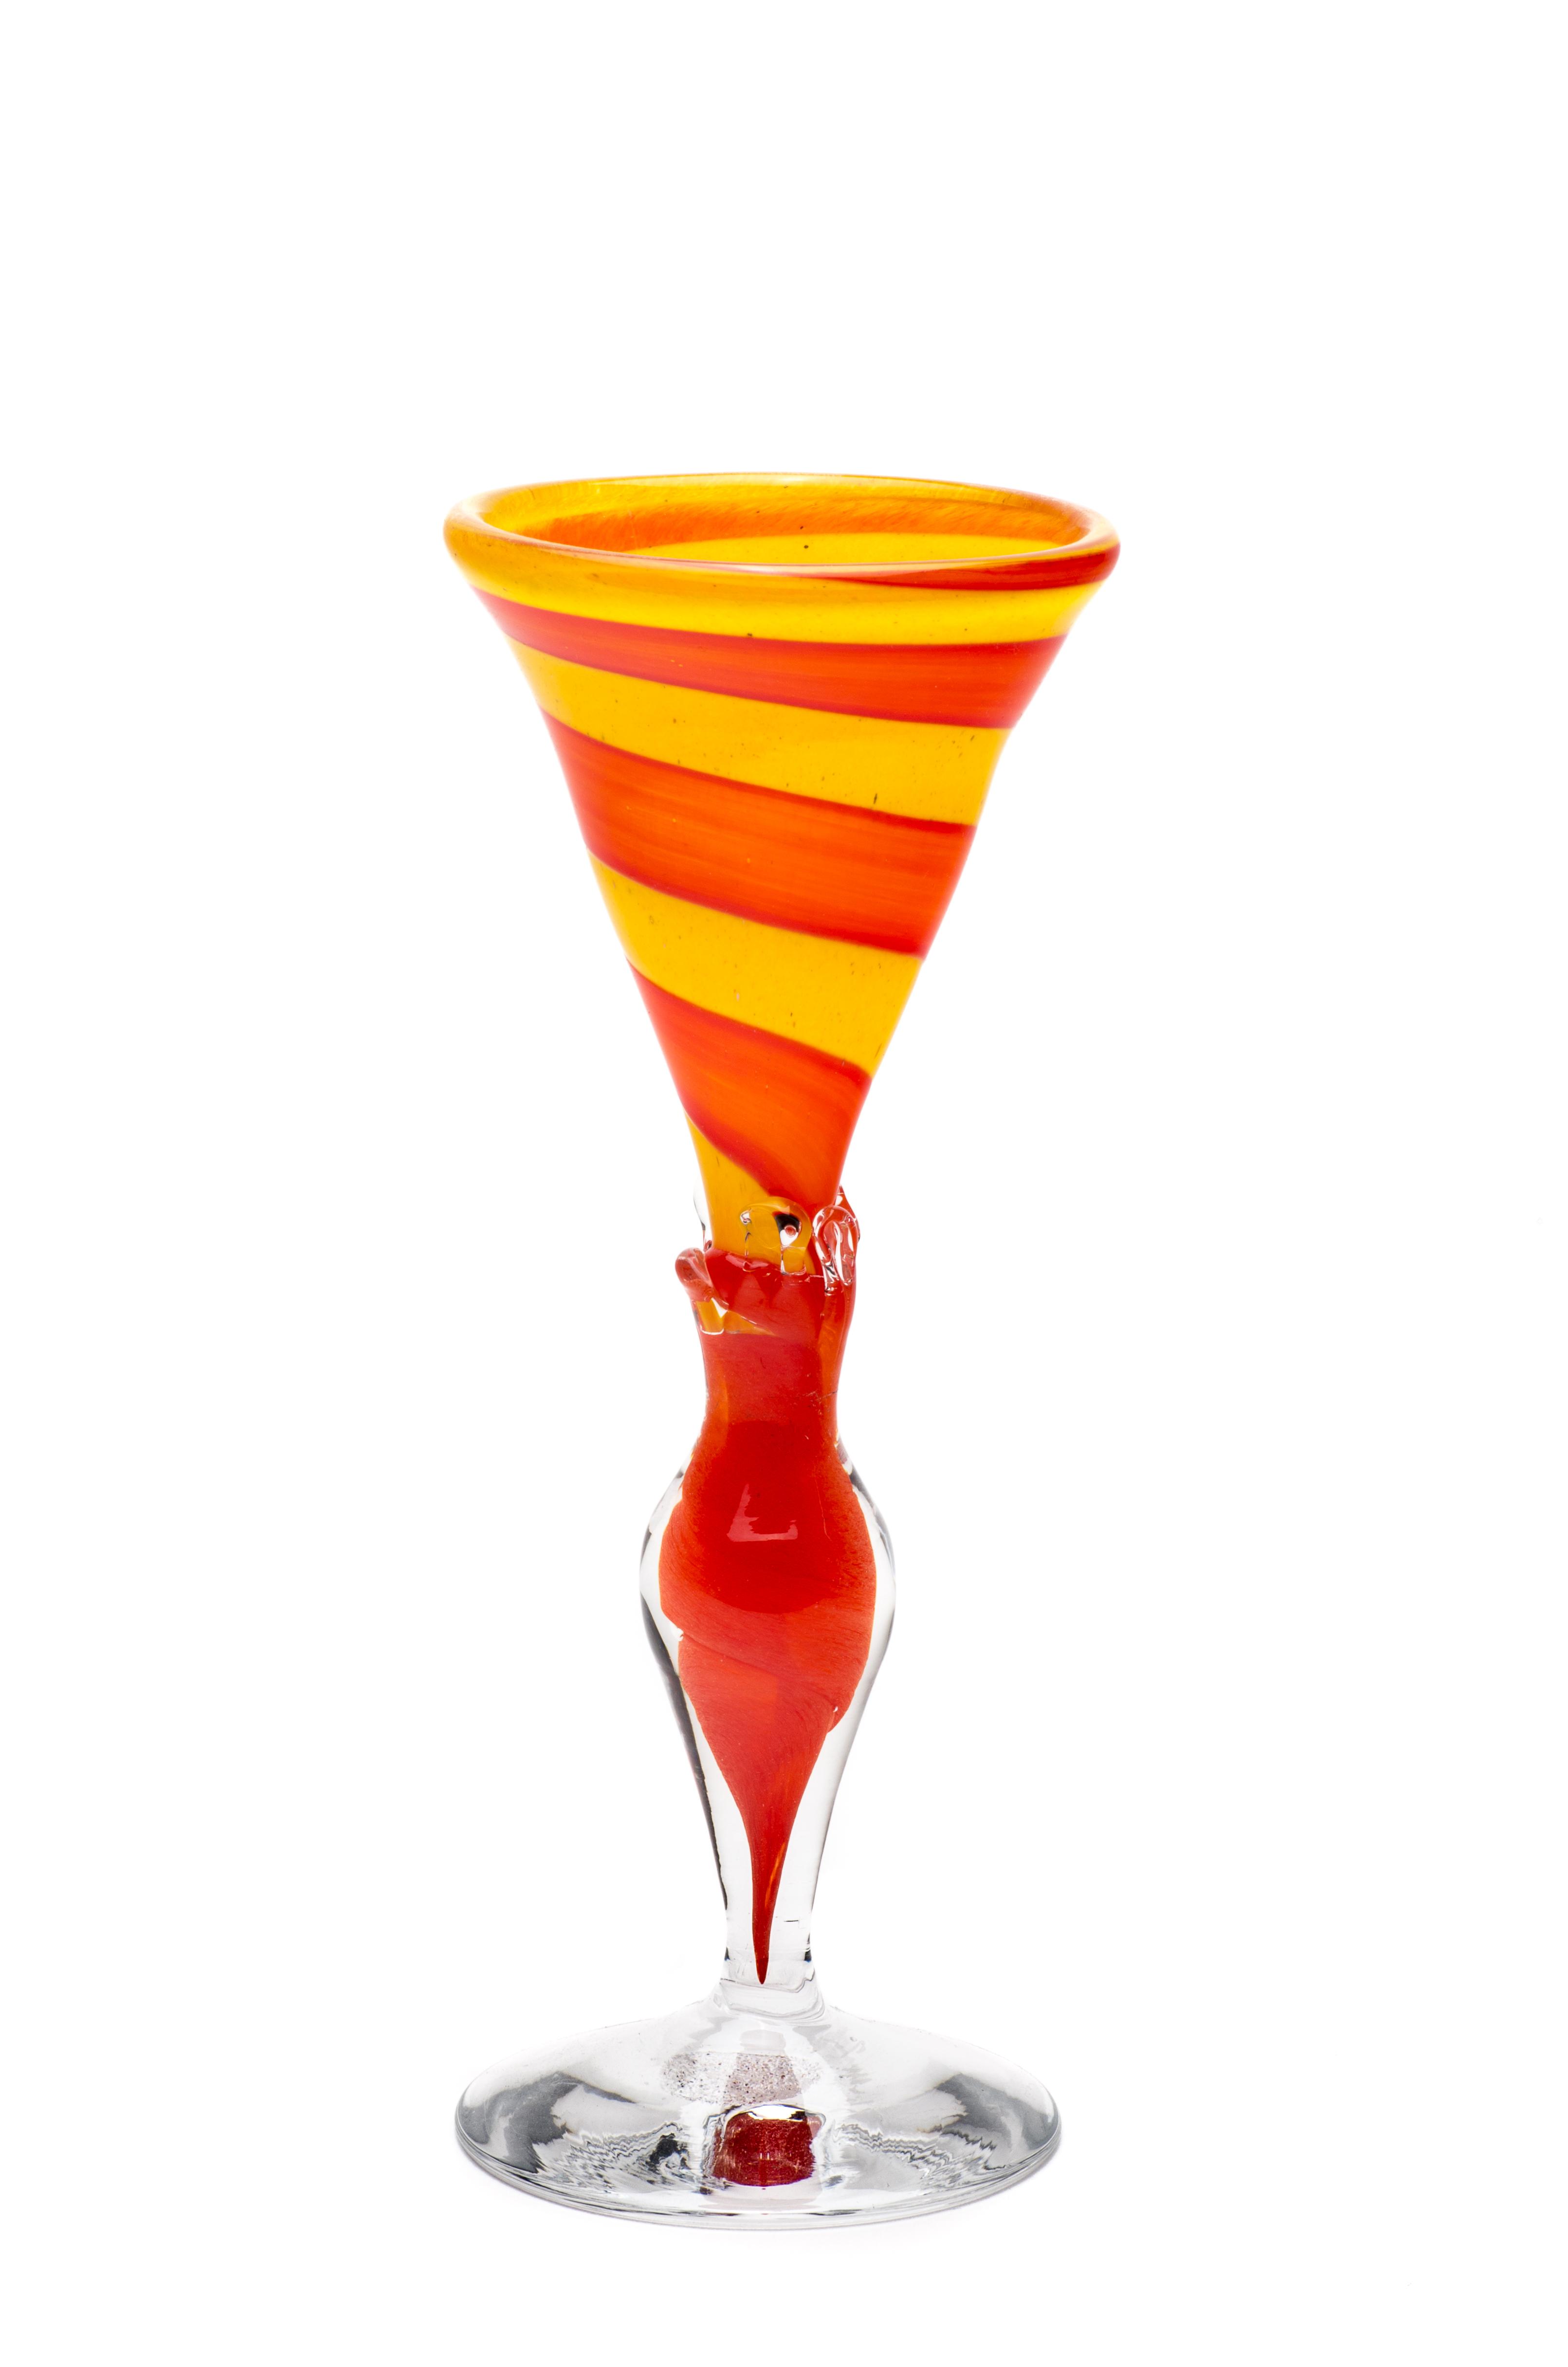 gul med rød spiral og stett